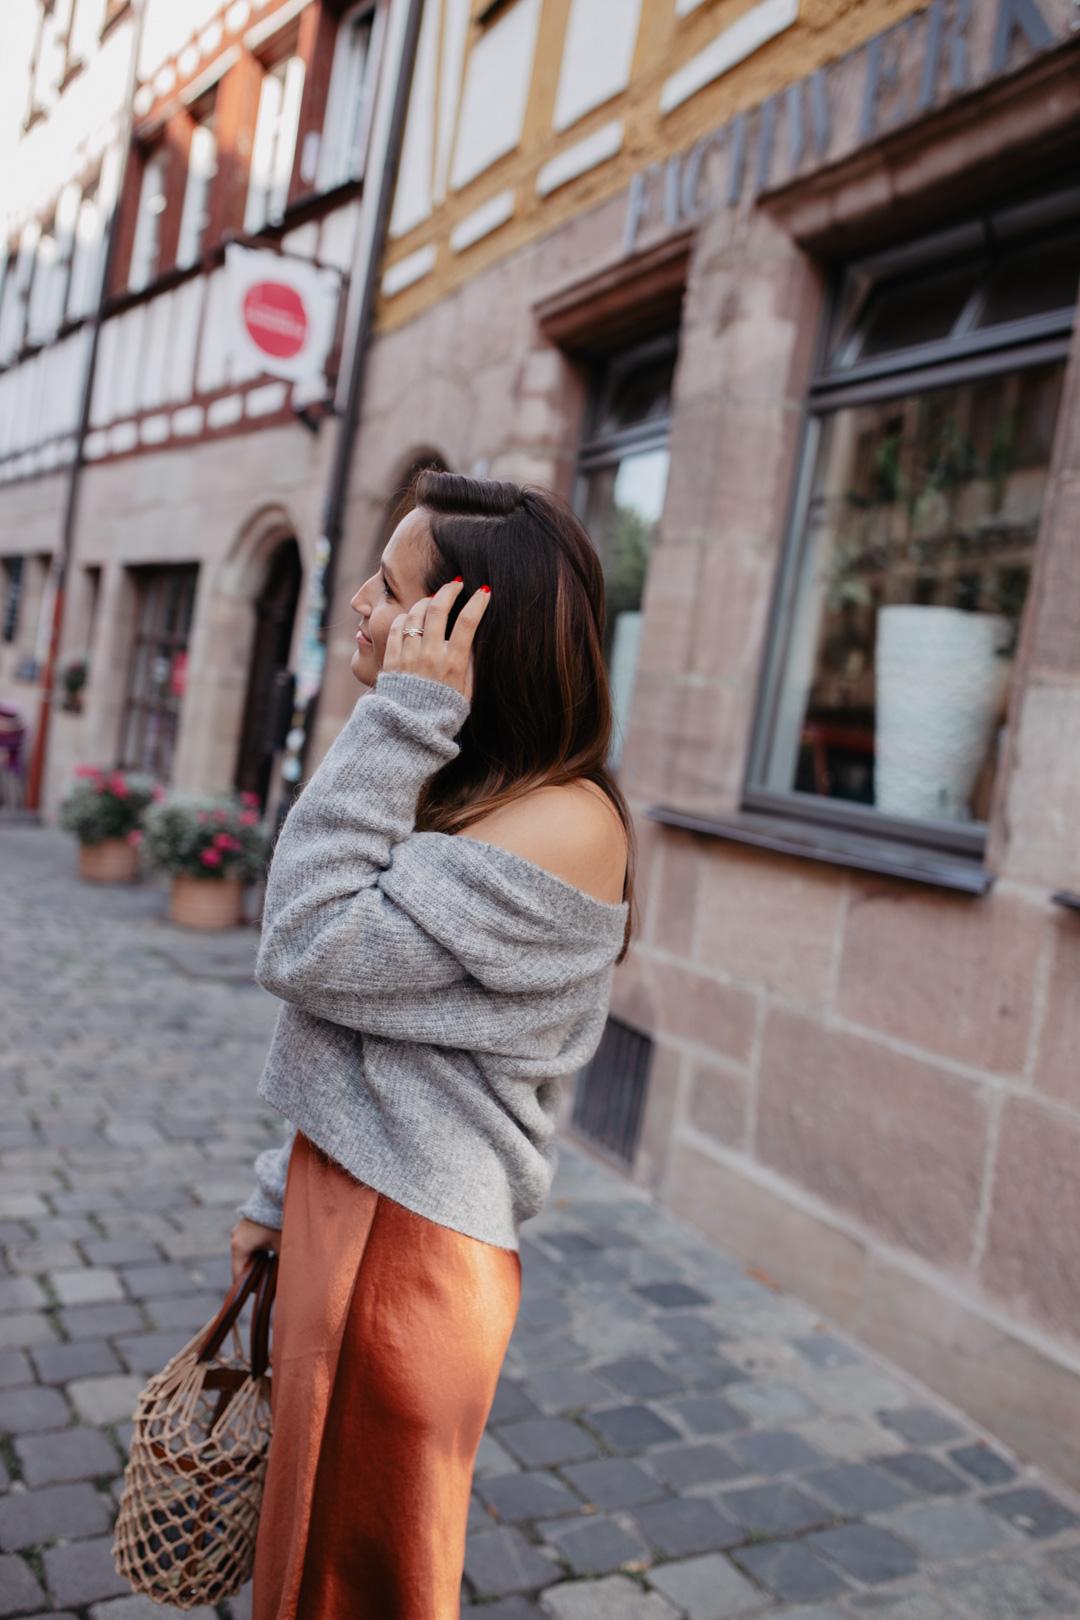 Blog Your Style: Röcke herbstlich stylen